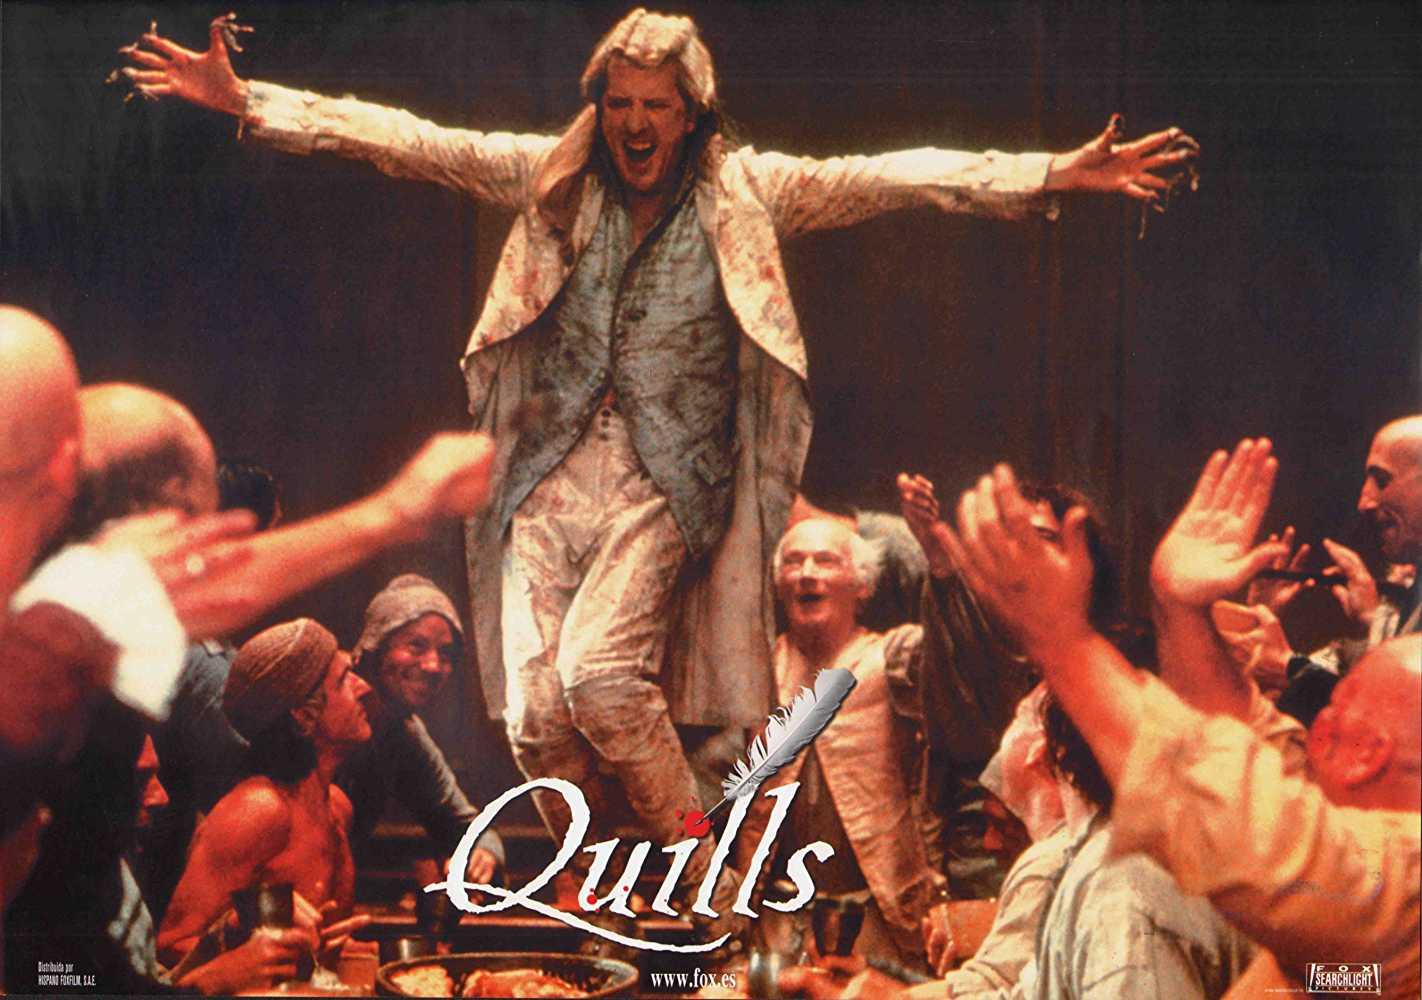 quills 2000 full movie download 480p